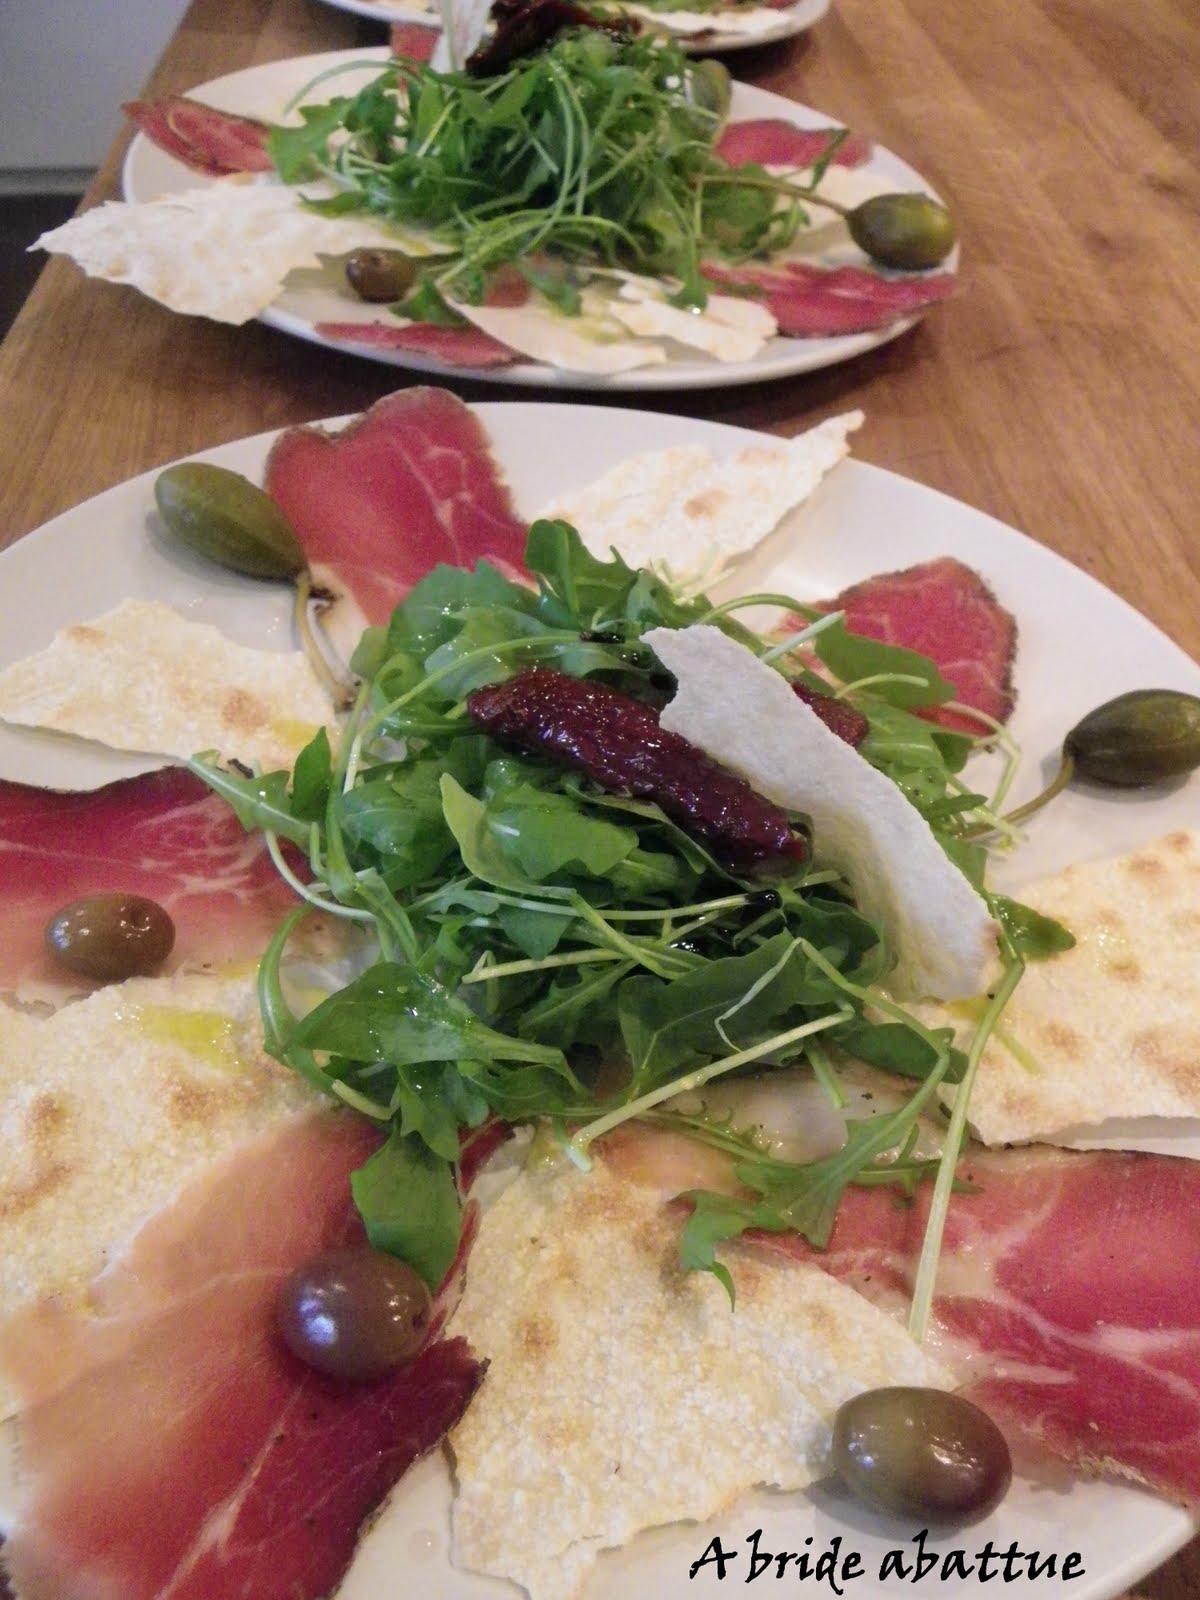 A bride abattue cours de cuisine italienne la cucina di - Cours de cuisine italienne ...